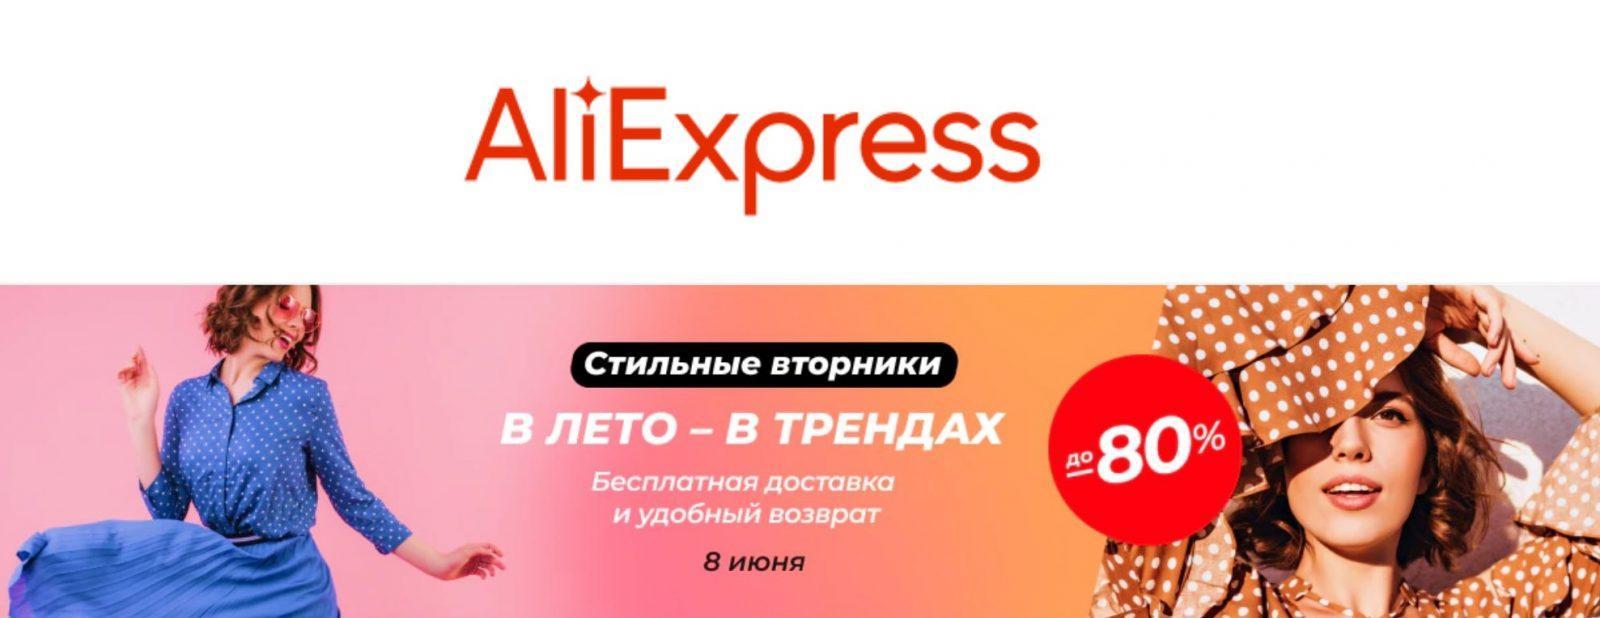 «Стильные вторники» на AliExpress Tmall